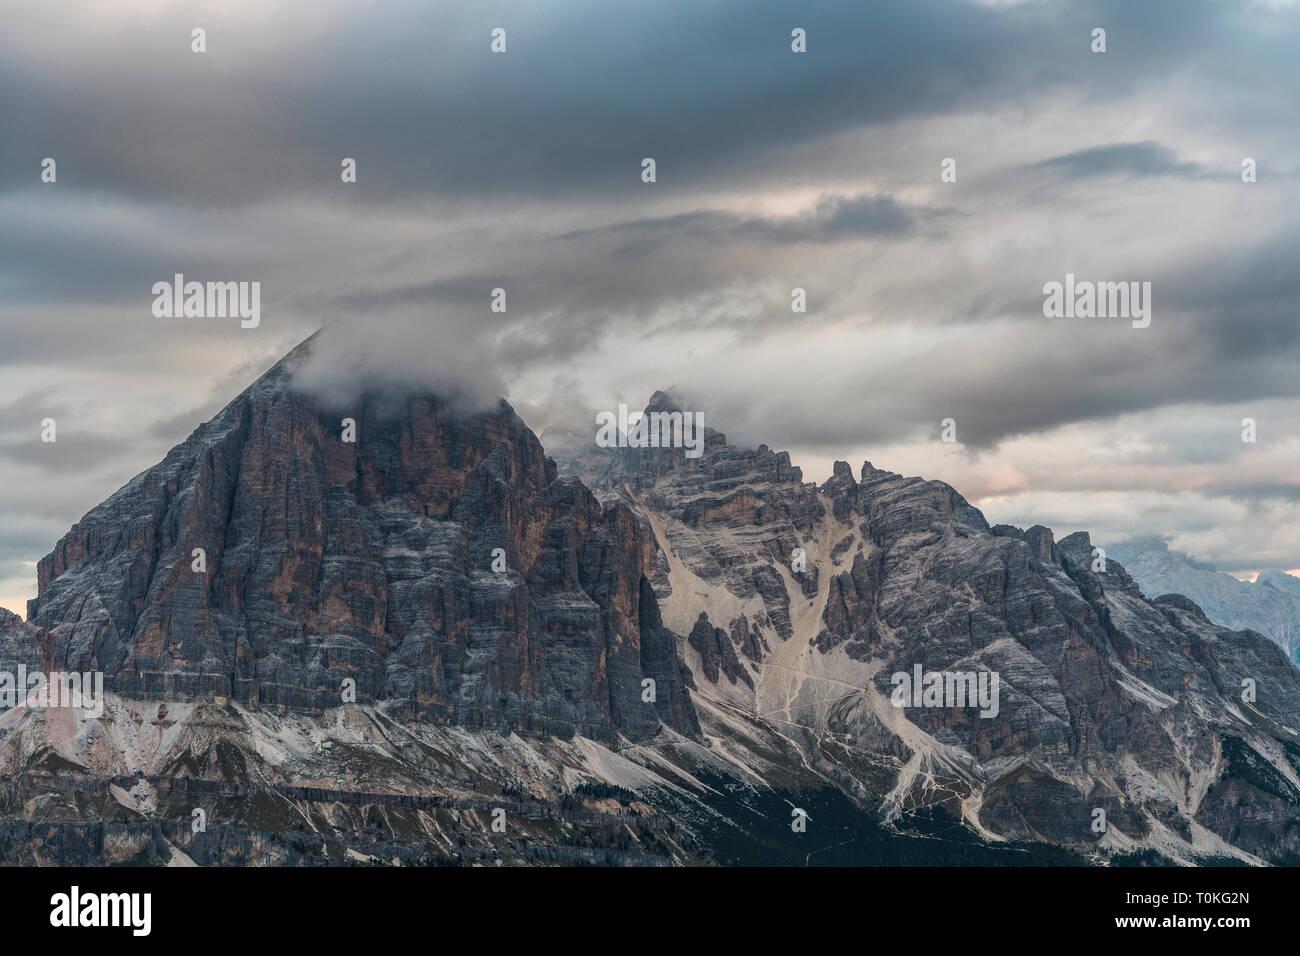 Sonnenaufgang in den Dolomiten am Rifugio Nuvolau mit Blick auf die Tofana, Italien Stockfoto